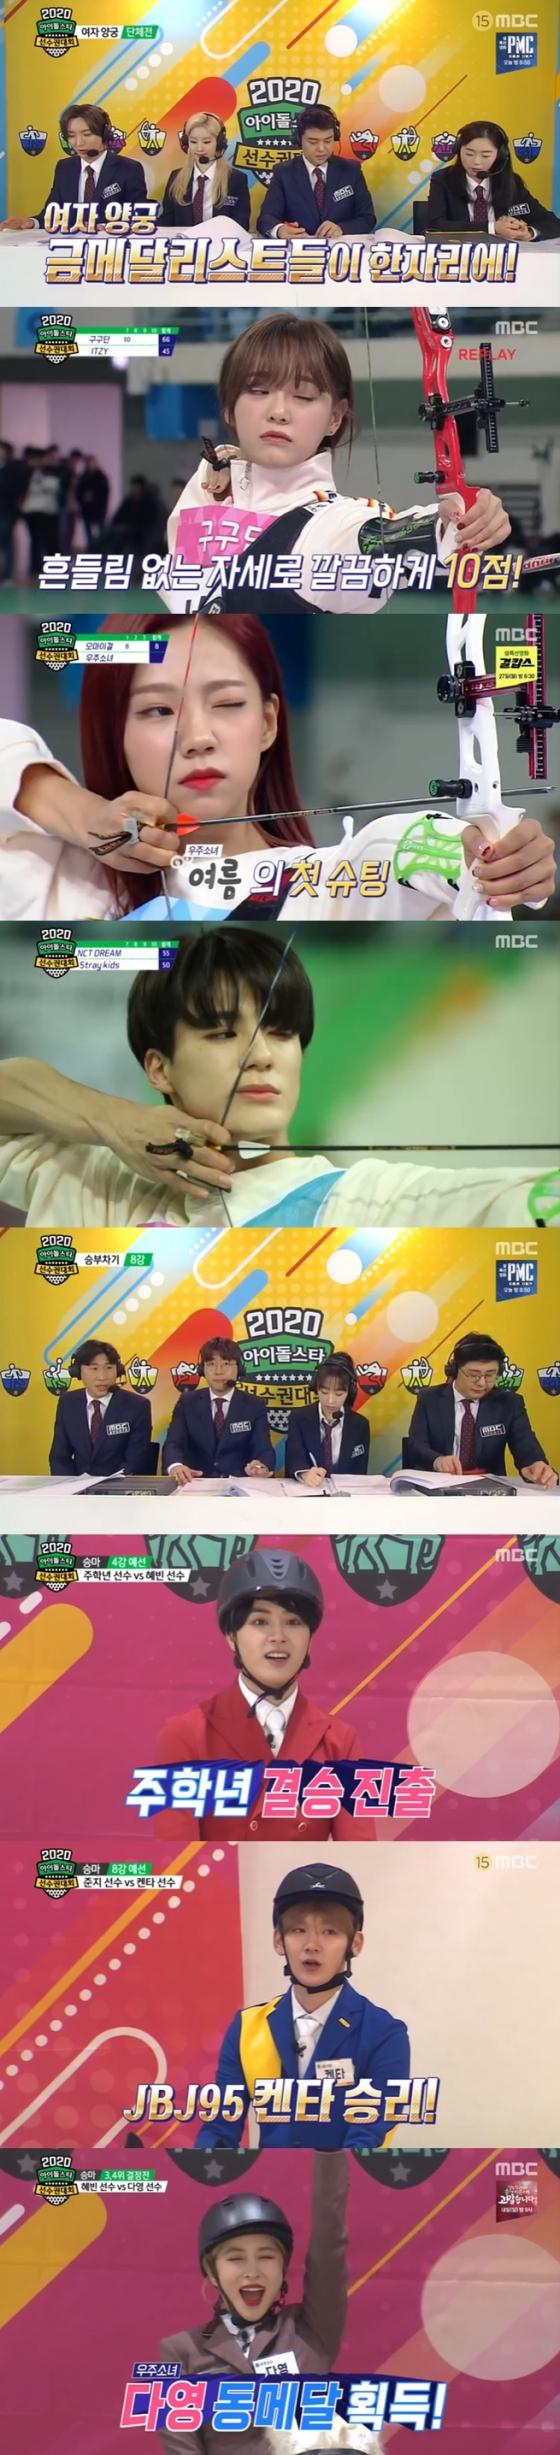 /사진=MBC '2020 설특집 아이돌스타 선수권대회' 방송화면 캡처